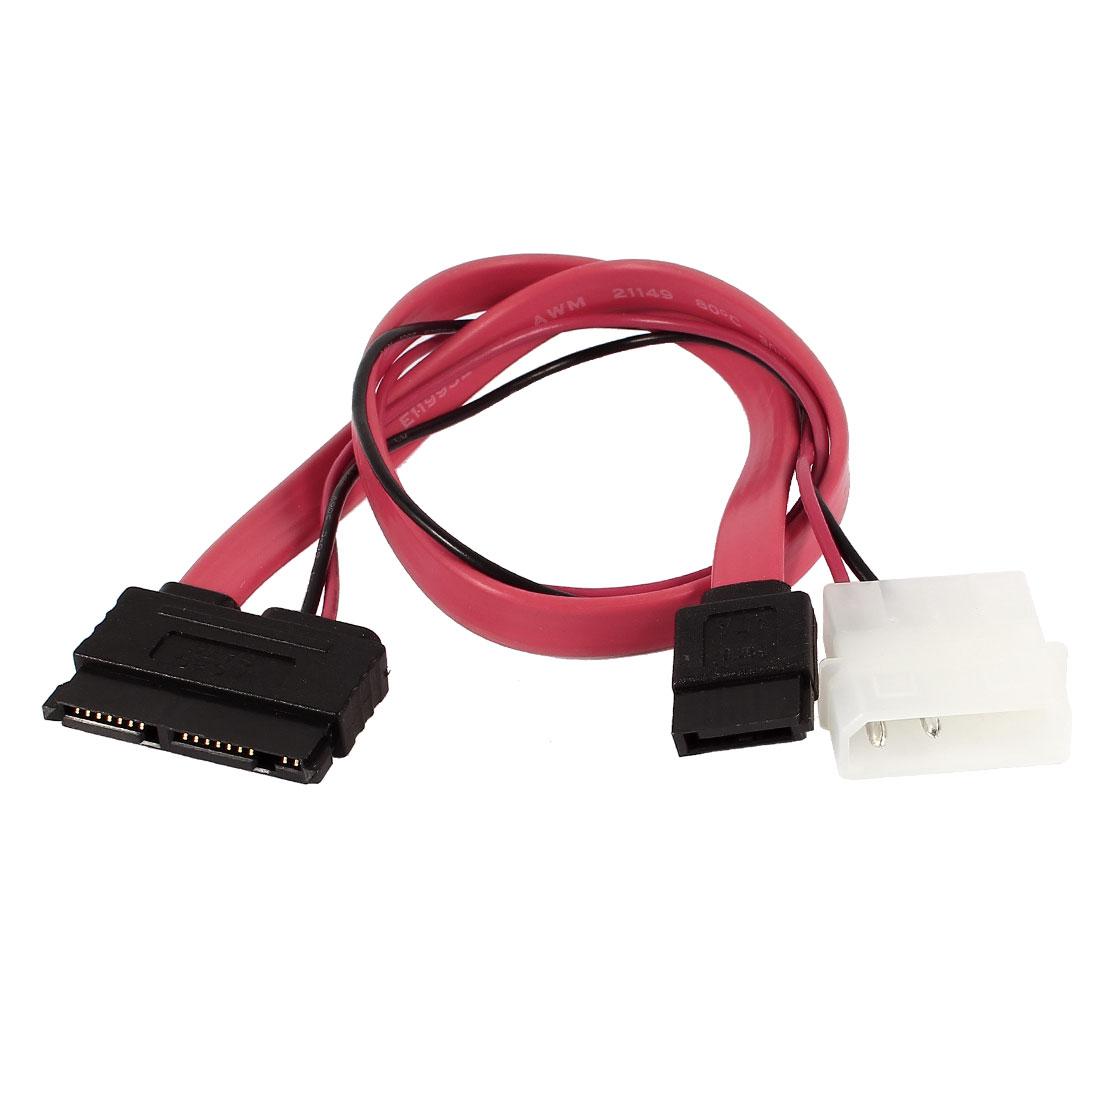 """SATA 7+ 9 Pin to 7 Pin Serial ATA IDE 2 Pin Splitter Power Flat Cable 16"""""""